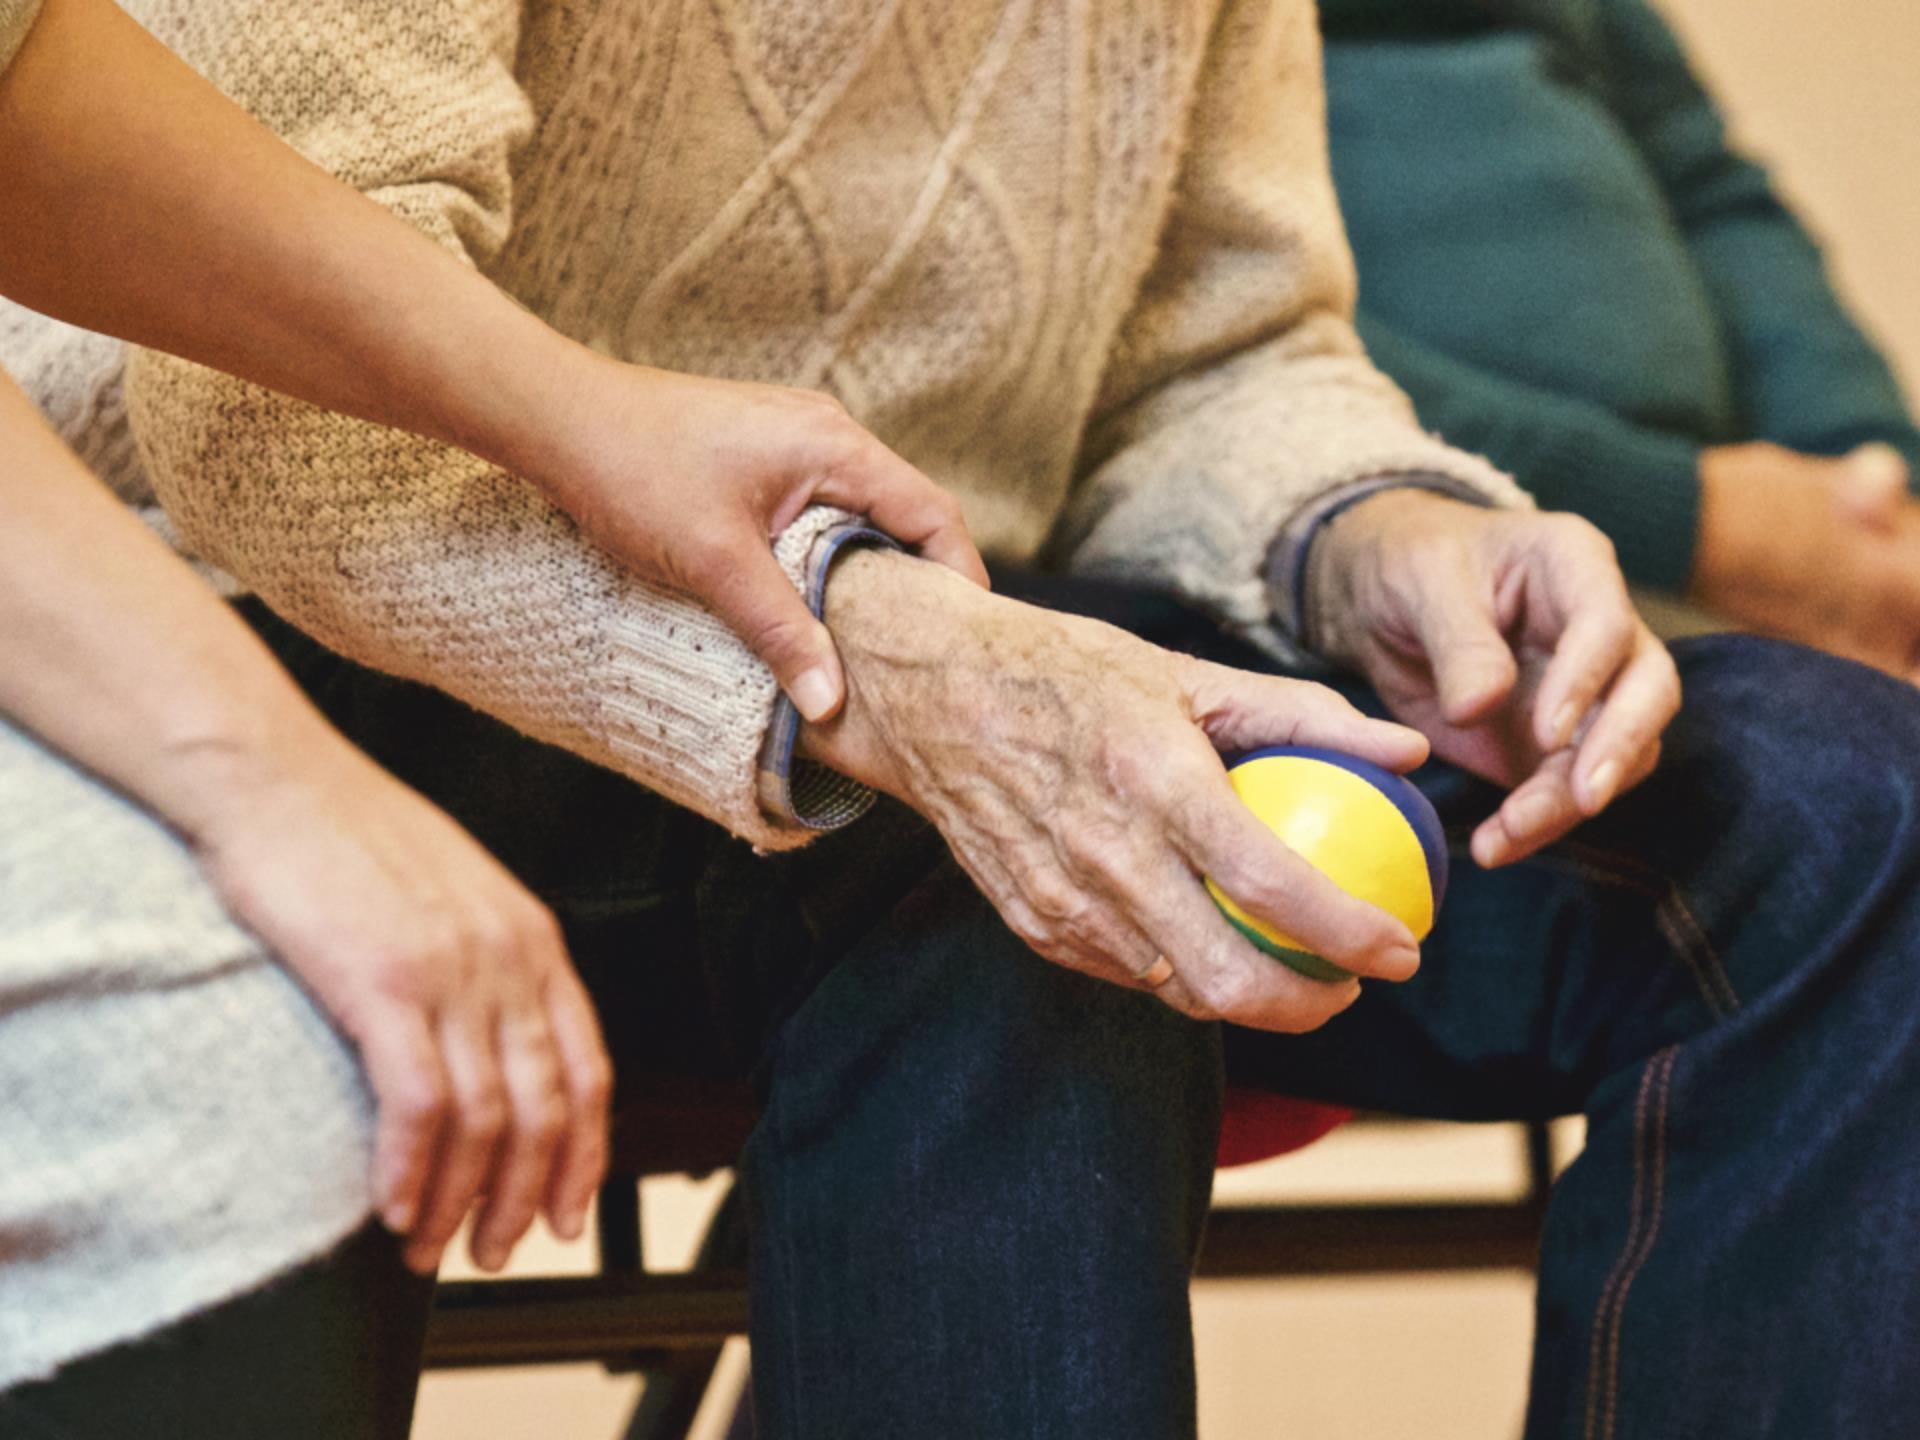 Vertreter von Alten- und Pflegeeinrichtungen weisen die pauschale Kritik an der österreichischen Pflege zurück.